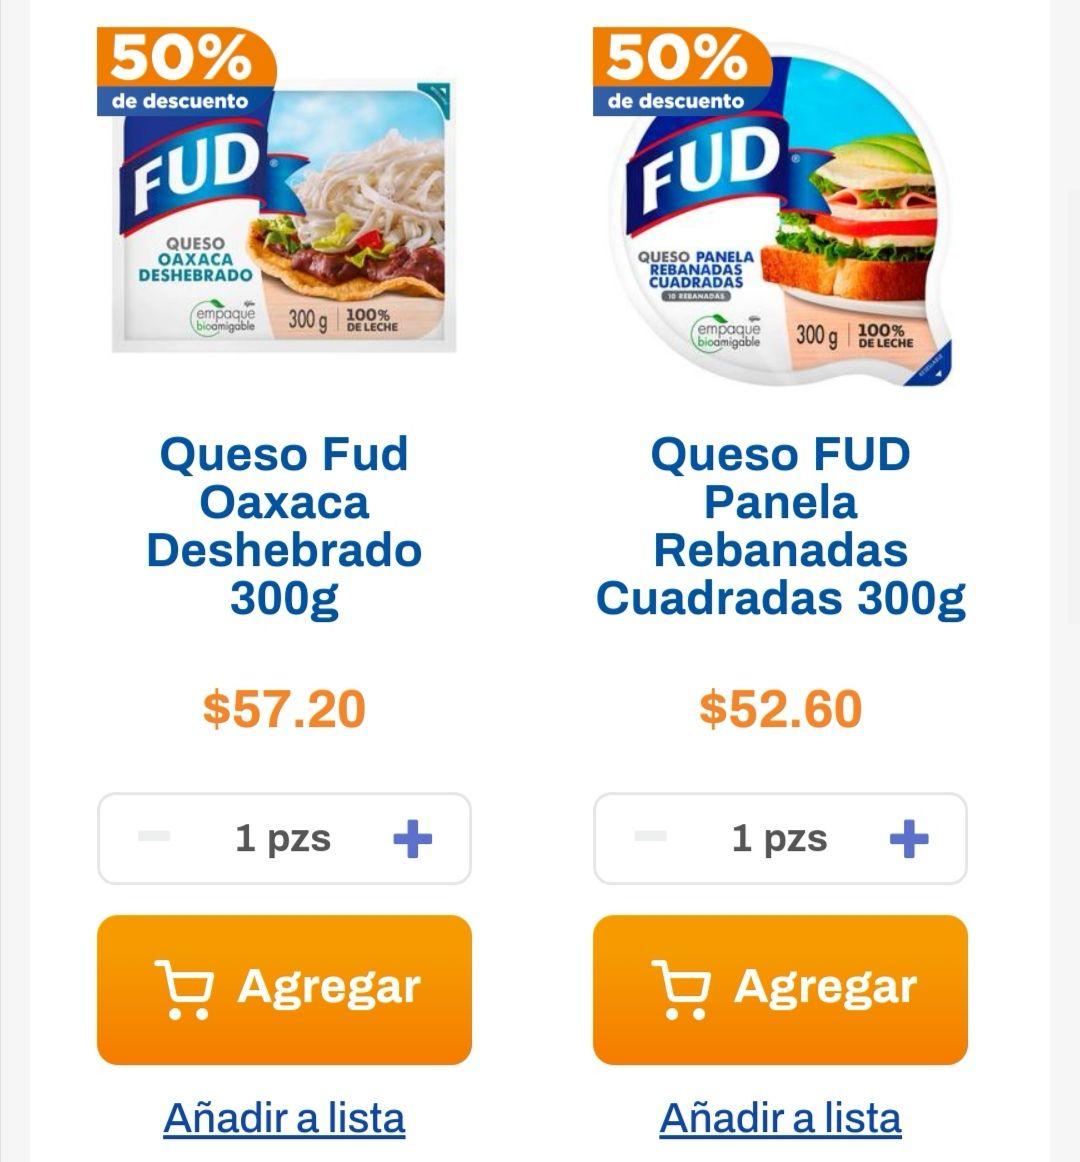 Chedraui: En la compra de un queso panela Fud rebanadas cuadradas 300 g, llévate un 50% de descuento en queso Oaxaca Fud deshebrado 300 g.